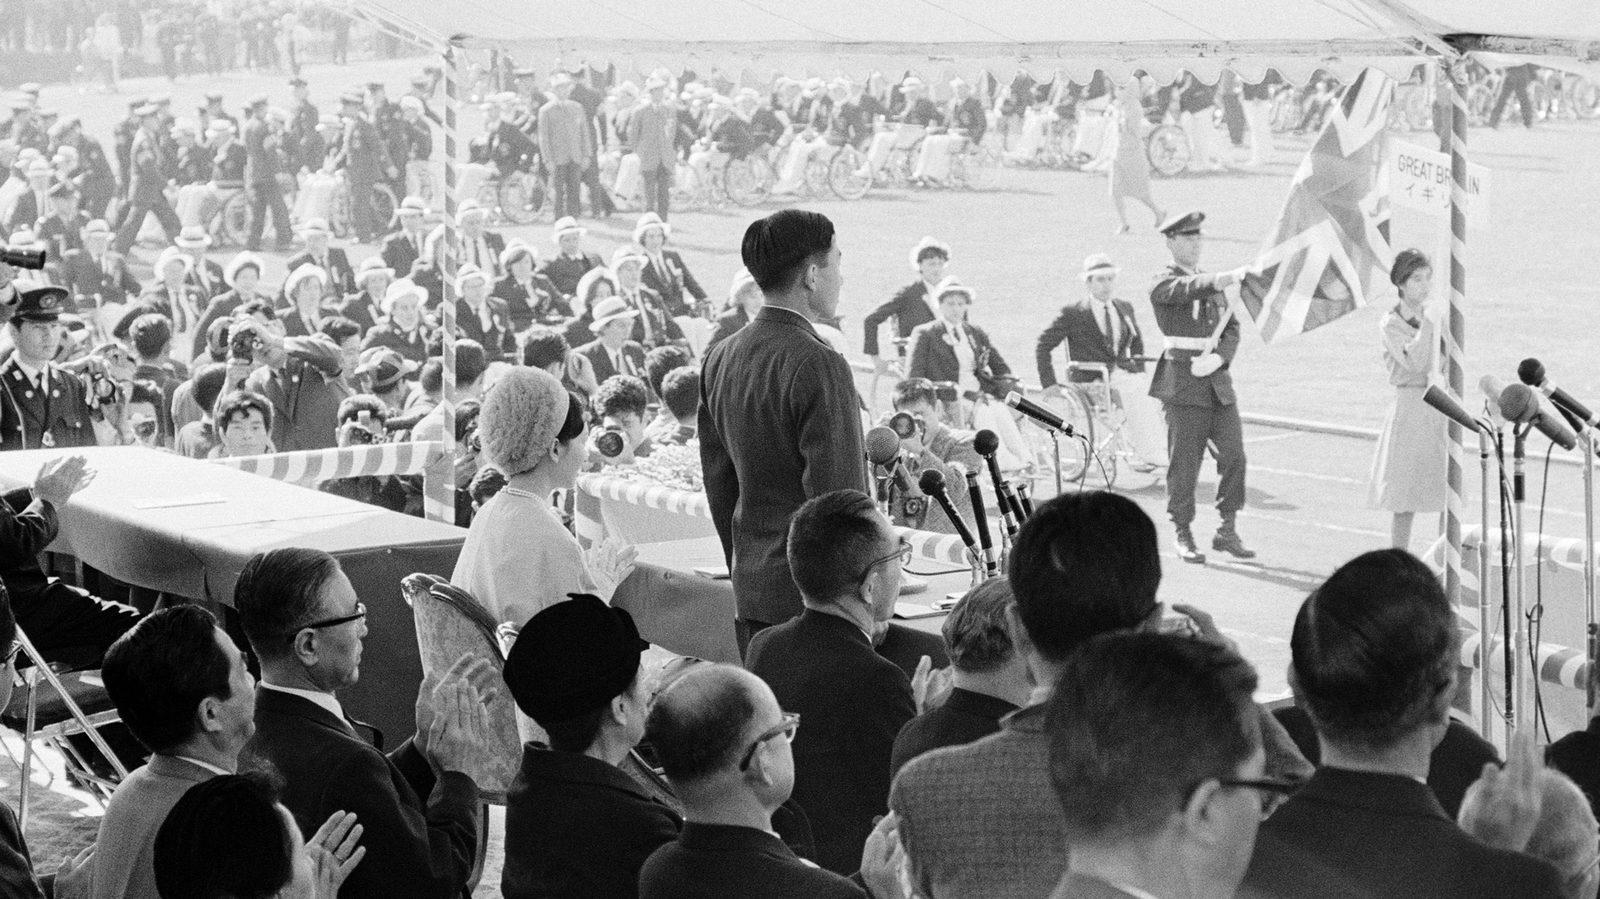 1964年東京パラリンピックでメダルを獲った卓球選手がその後ラケットを握らなかったワケ 出場したのは「患者」ばかりだった